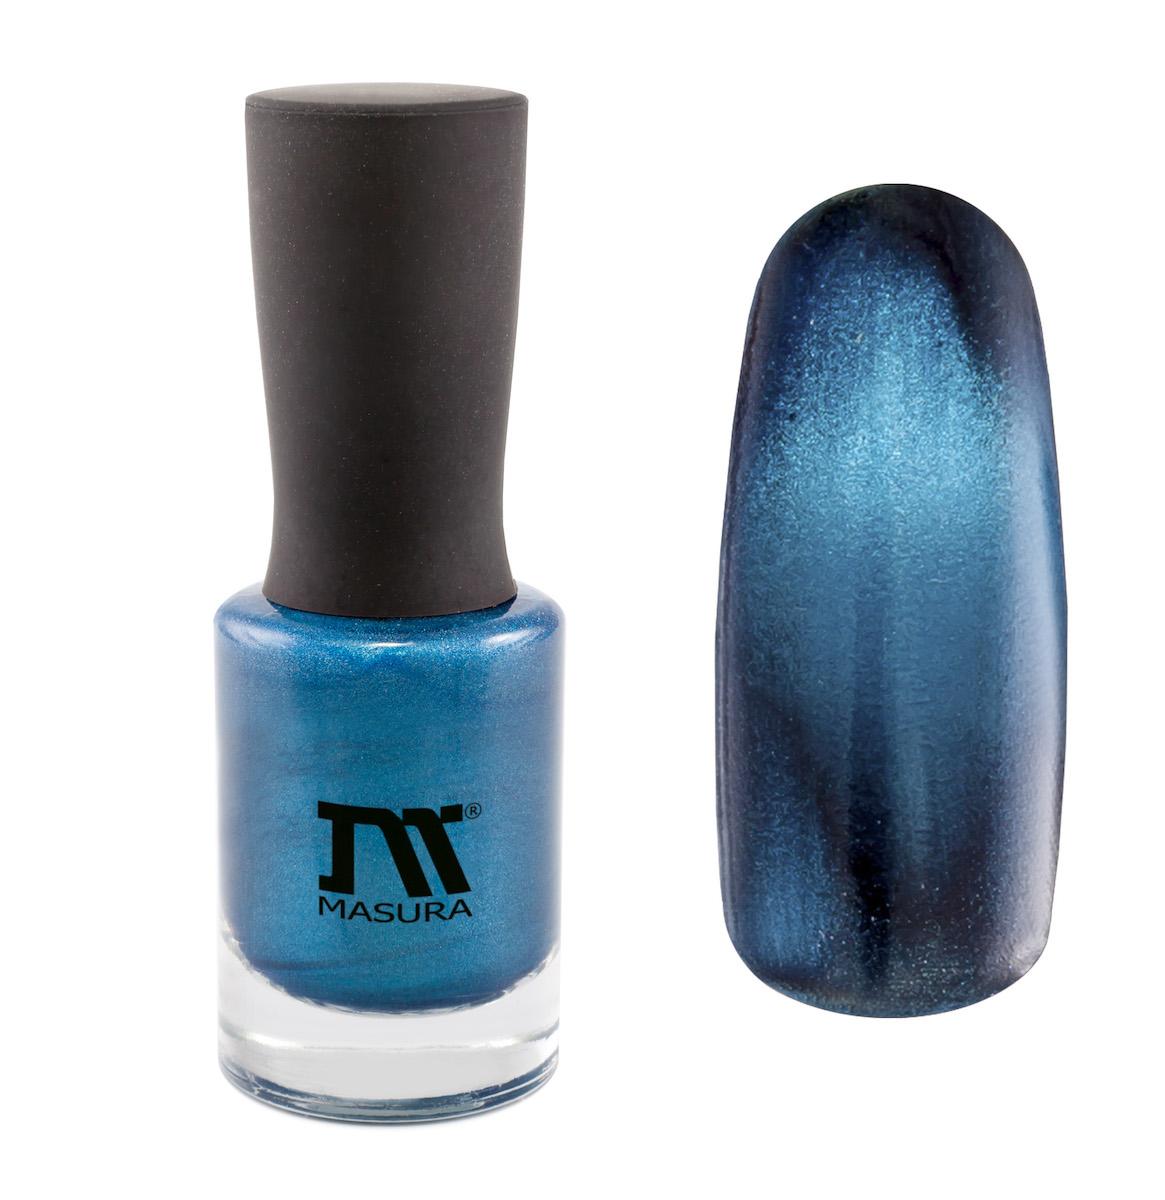 Masura Лак для ногтей Горный Азурит, 11 мл904-171насыщенный глубокий синий, с голубым подтоном, плотный